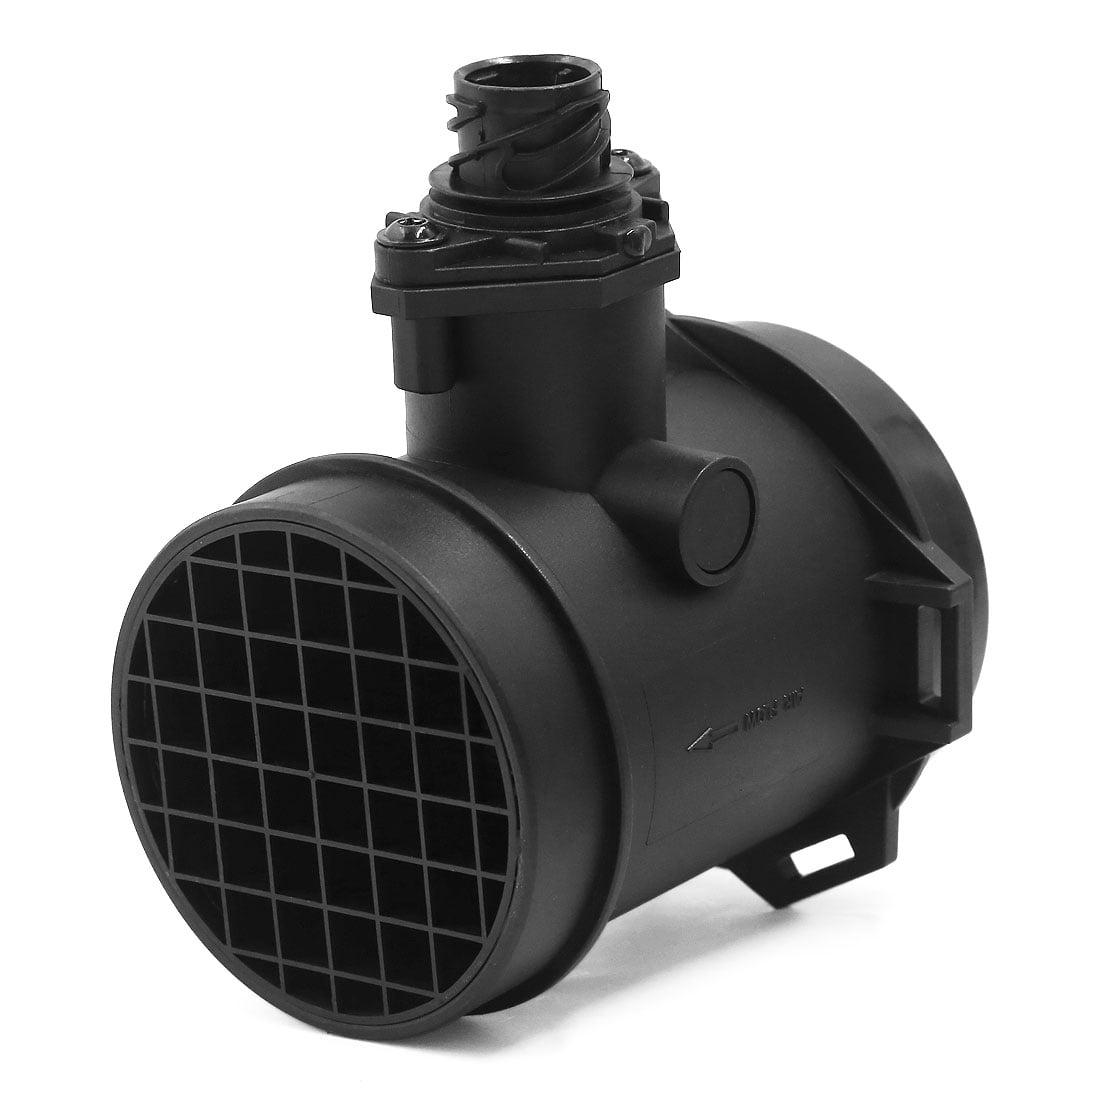 Mass Air Flow Meter MAF Sensor For BMW 13 62 1 702 078 / 13 62 1 733 262 High Quality